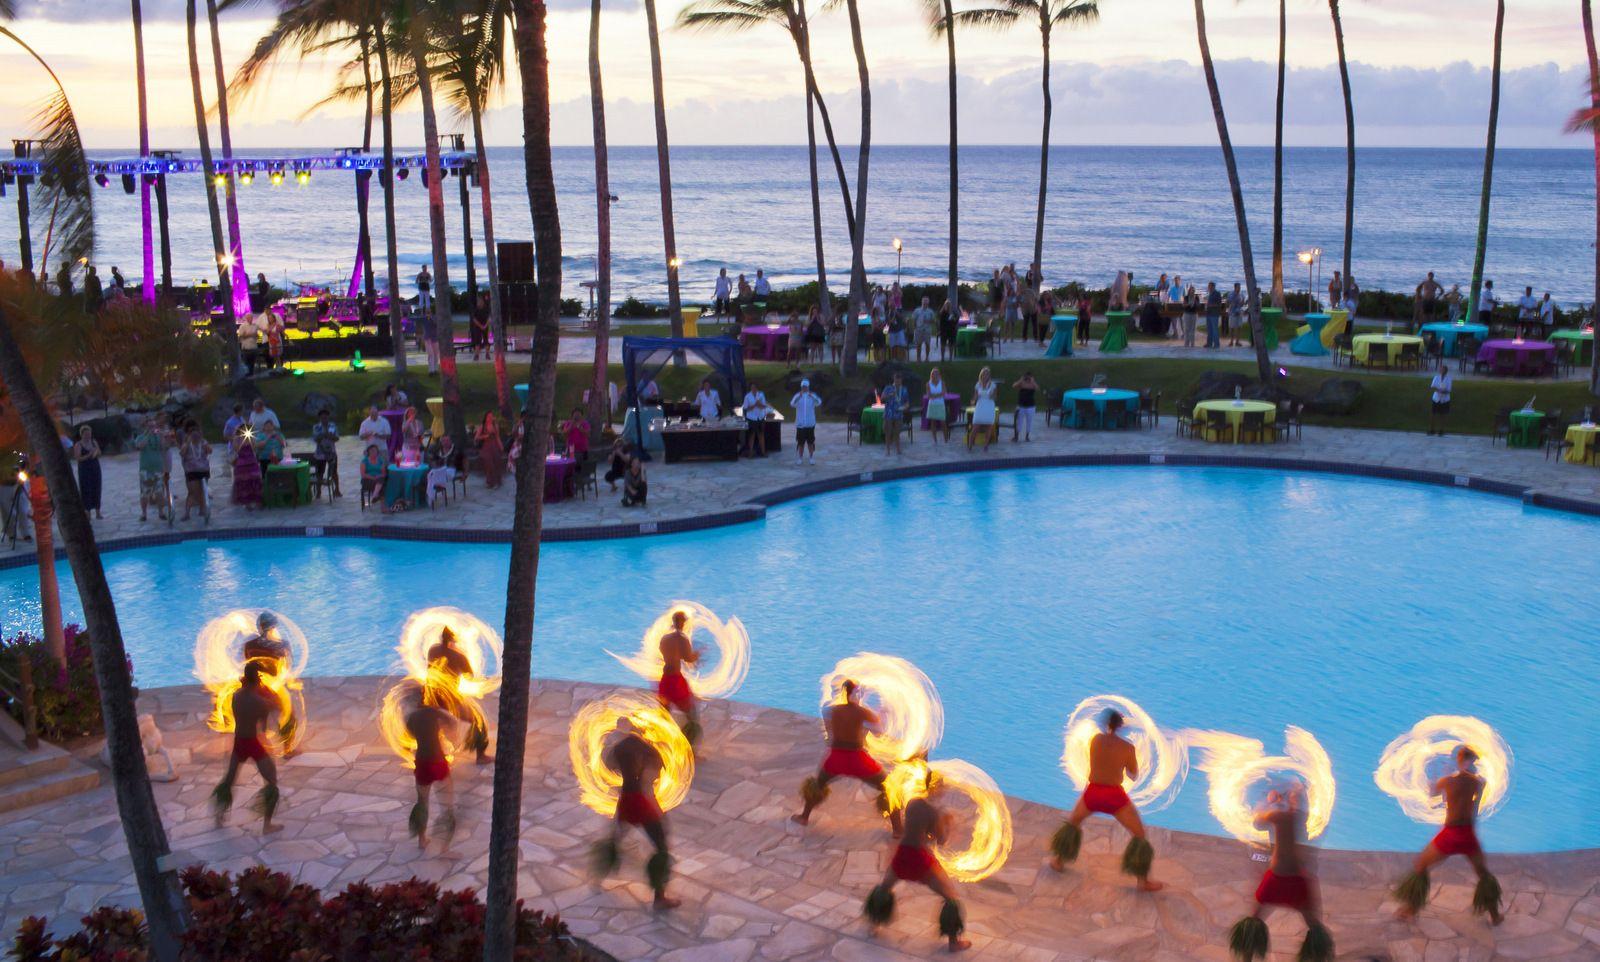 Pin By Shanoa Reed On Hawaii Trip In 2021 Hawaii Resorts Hilton Hawaiian Village Hawaii Vacation